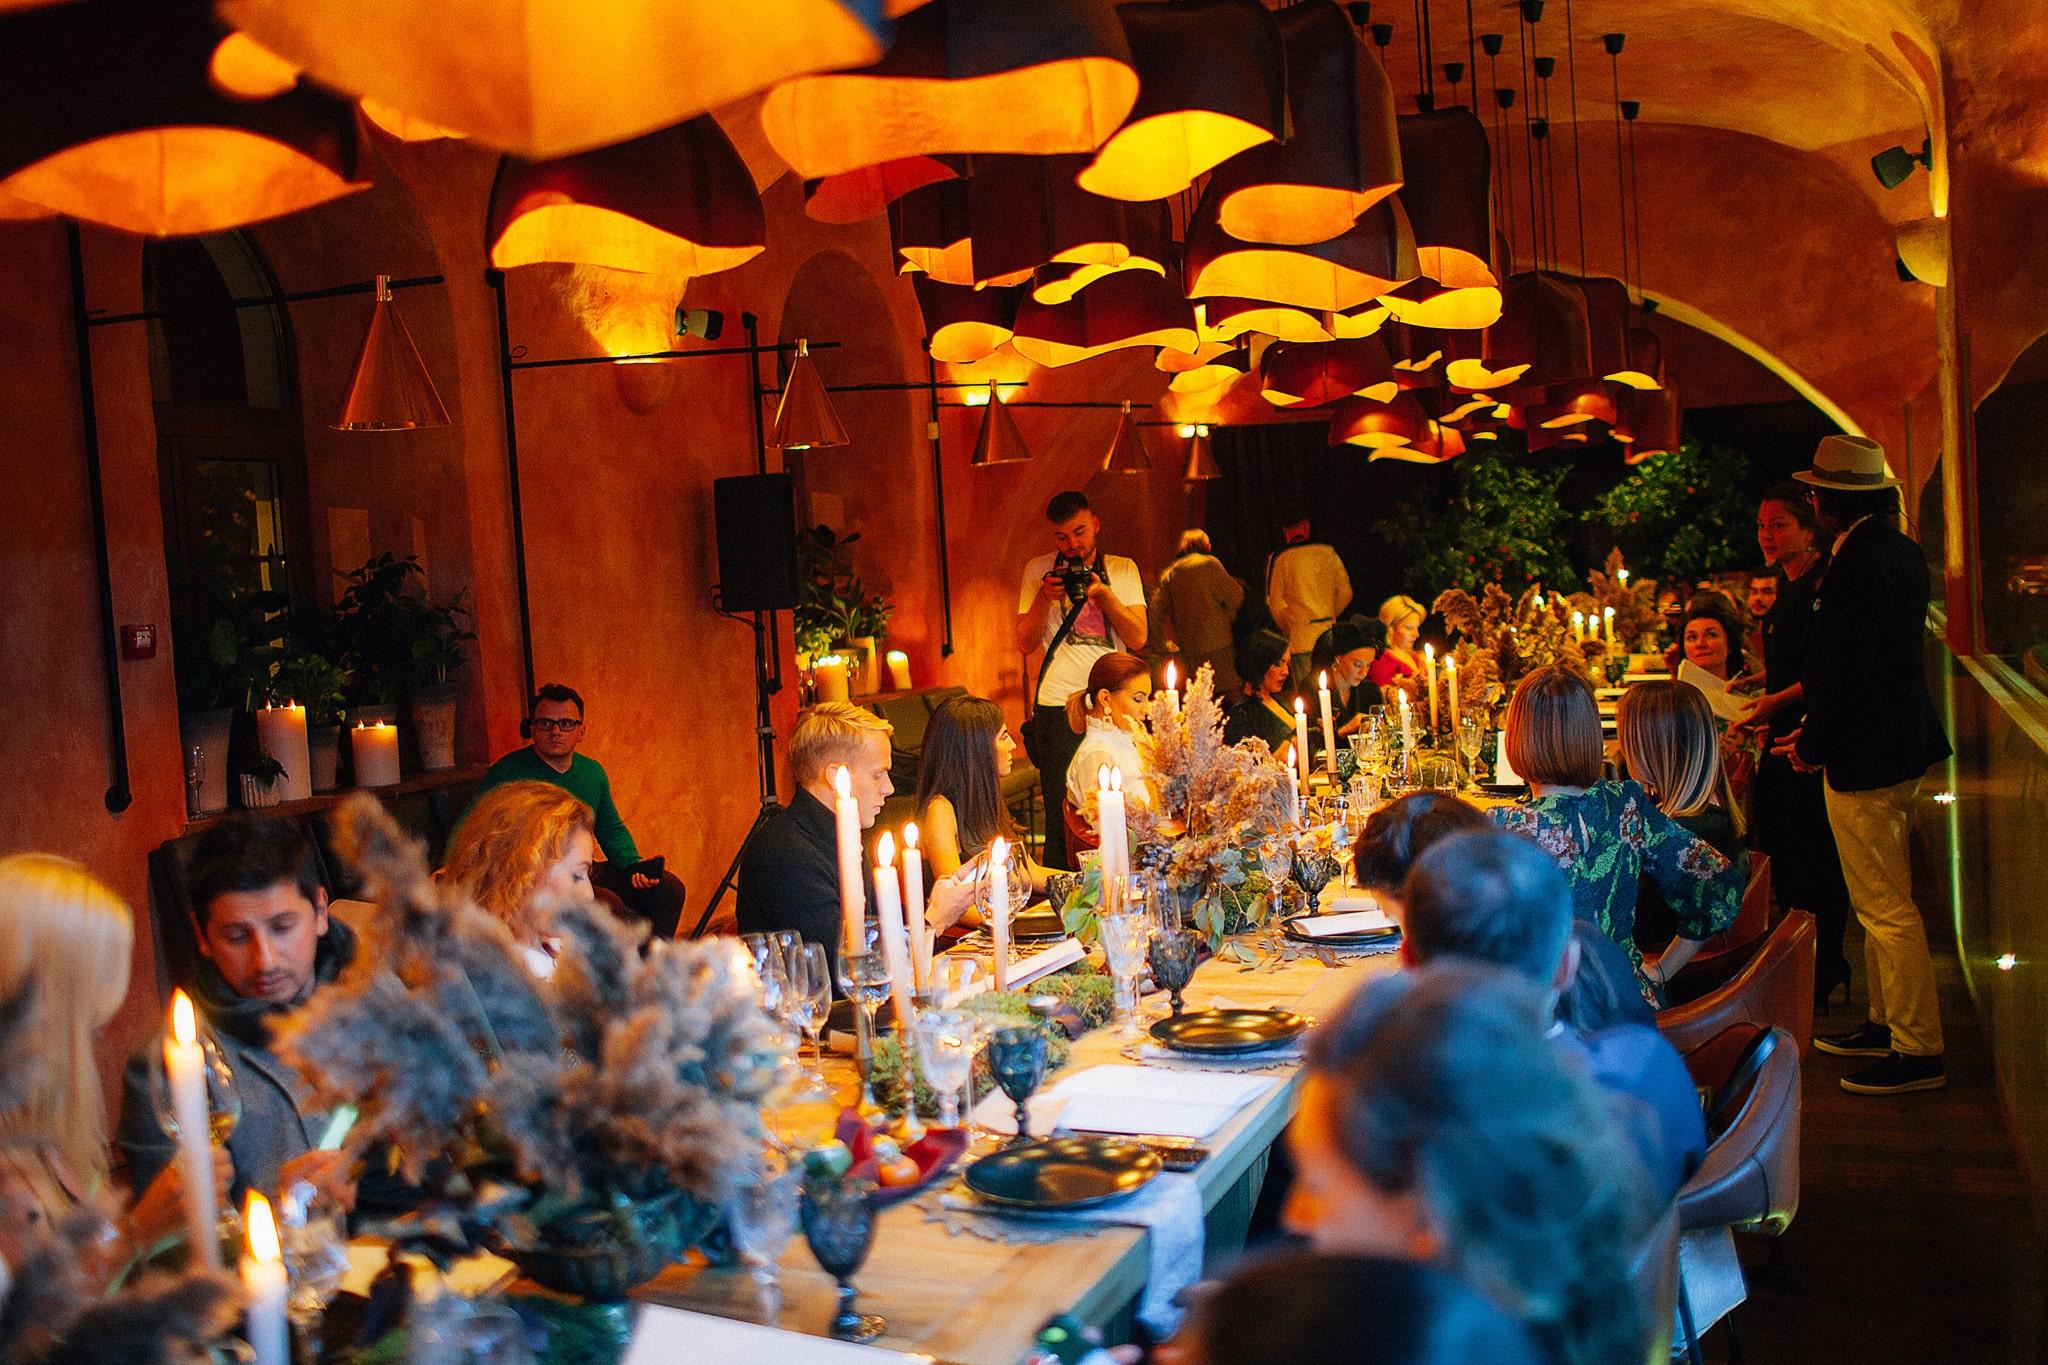 Фотоотчет: как прошел званый ужин с Паоло Теренци в ресторане Il Riccio-320x180